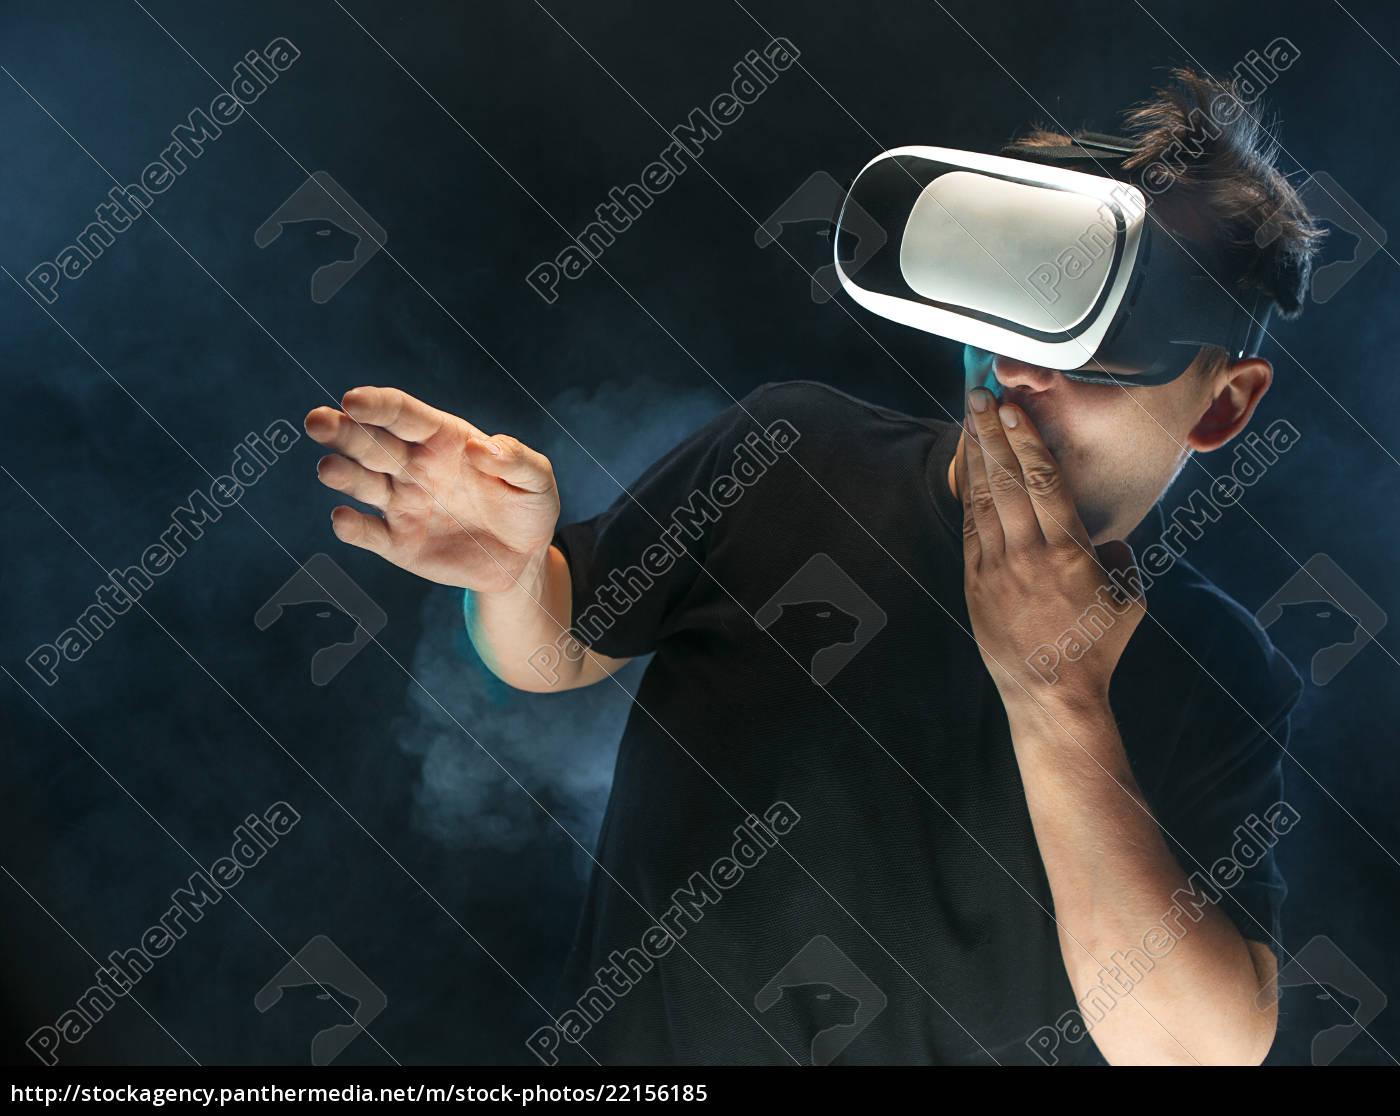 l'uomo, con, gli, occhiali, della, realtà - 22156185